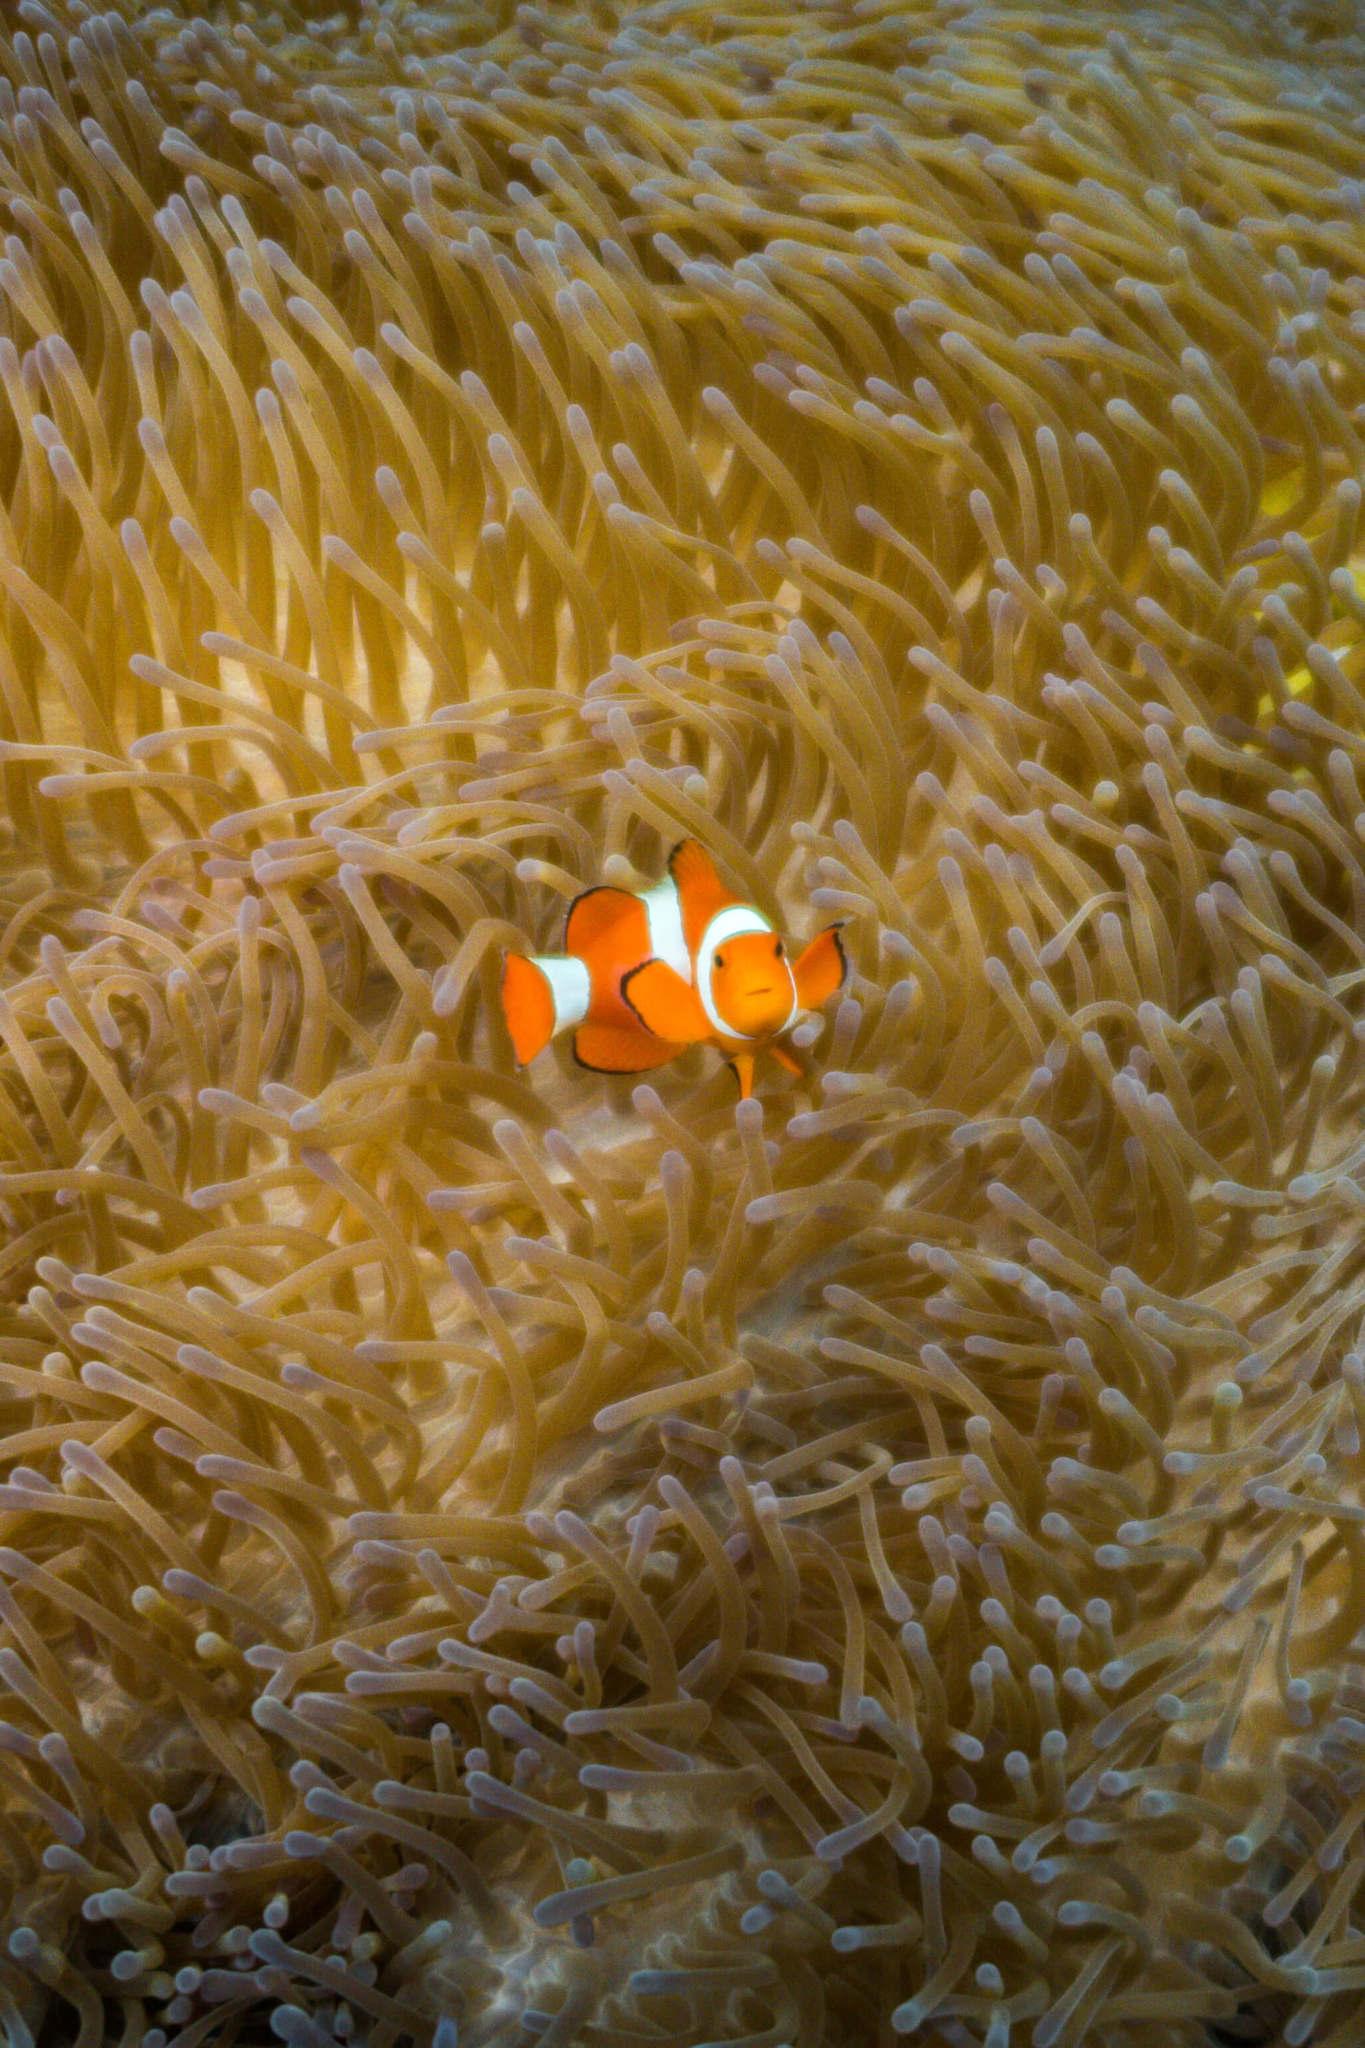 Fish in Raja Ampat